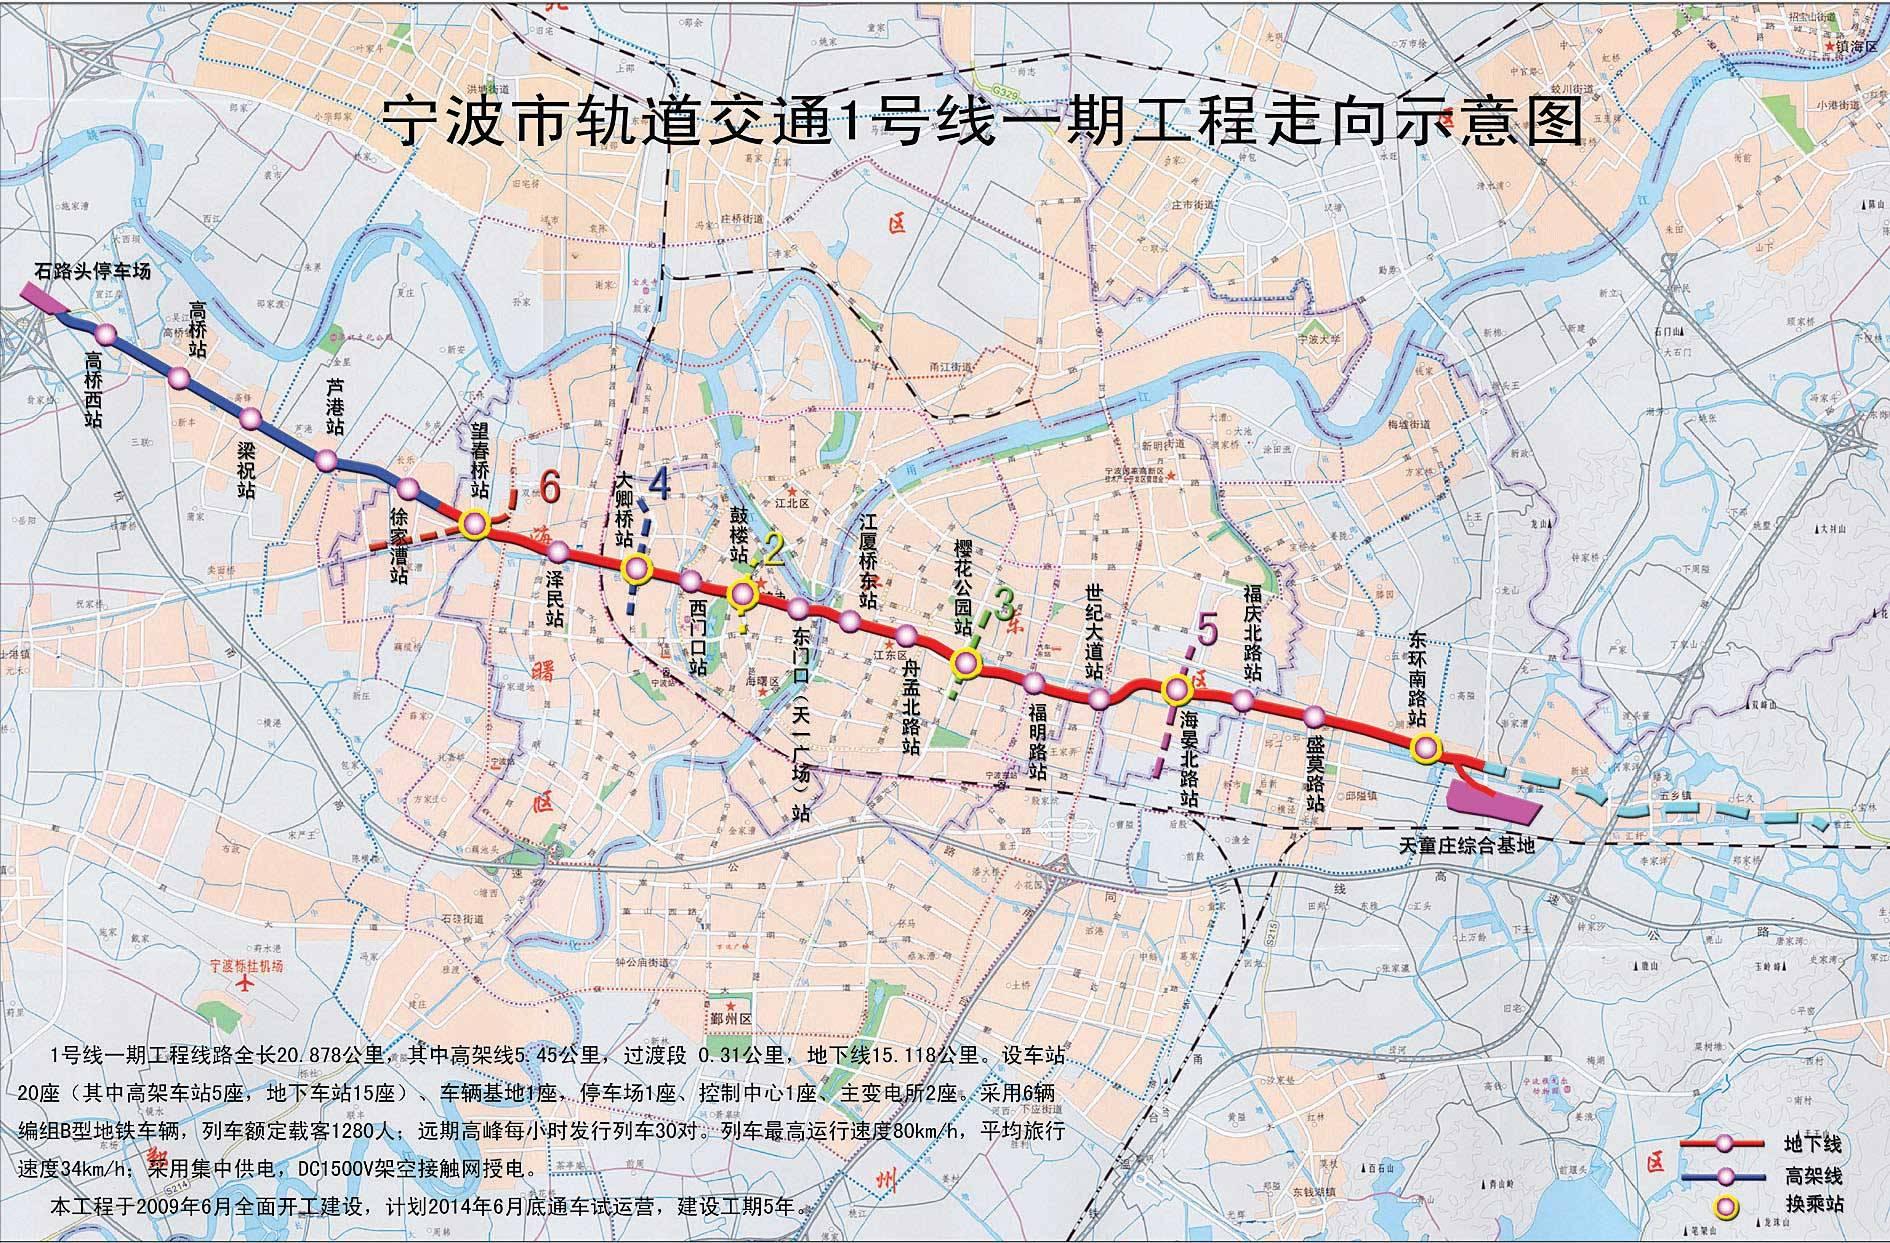 宁波地铁1号线线路图图片